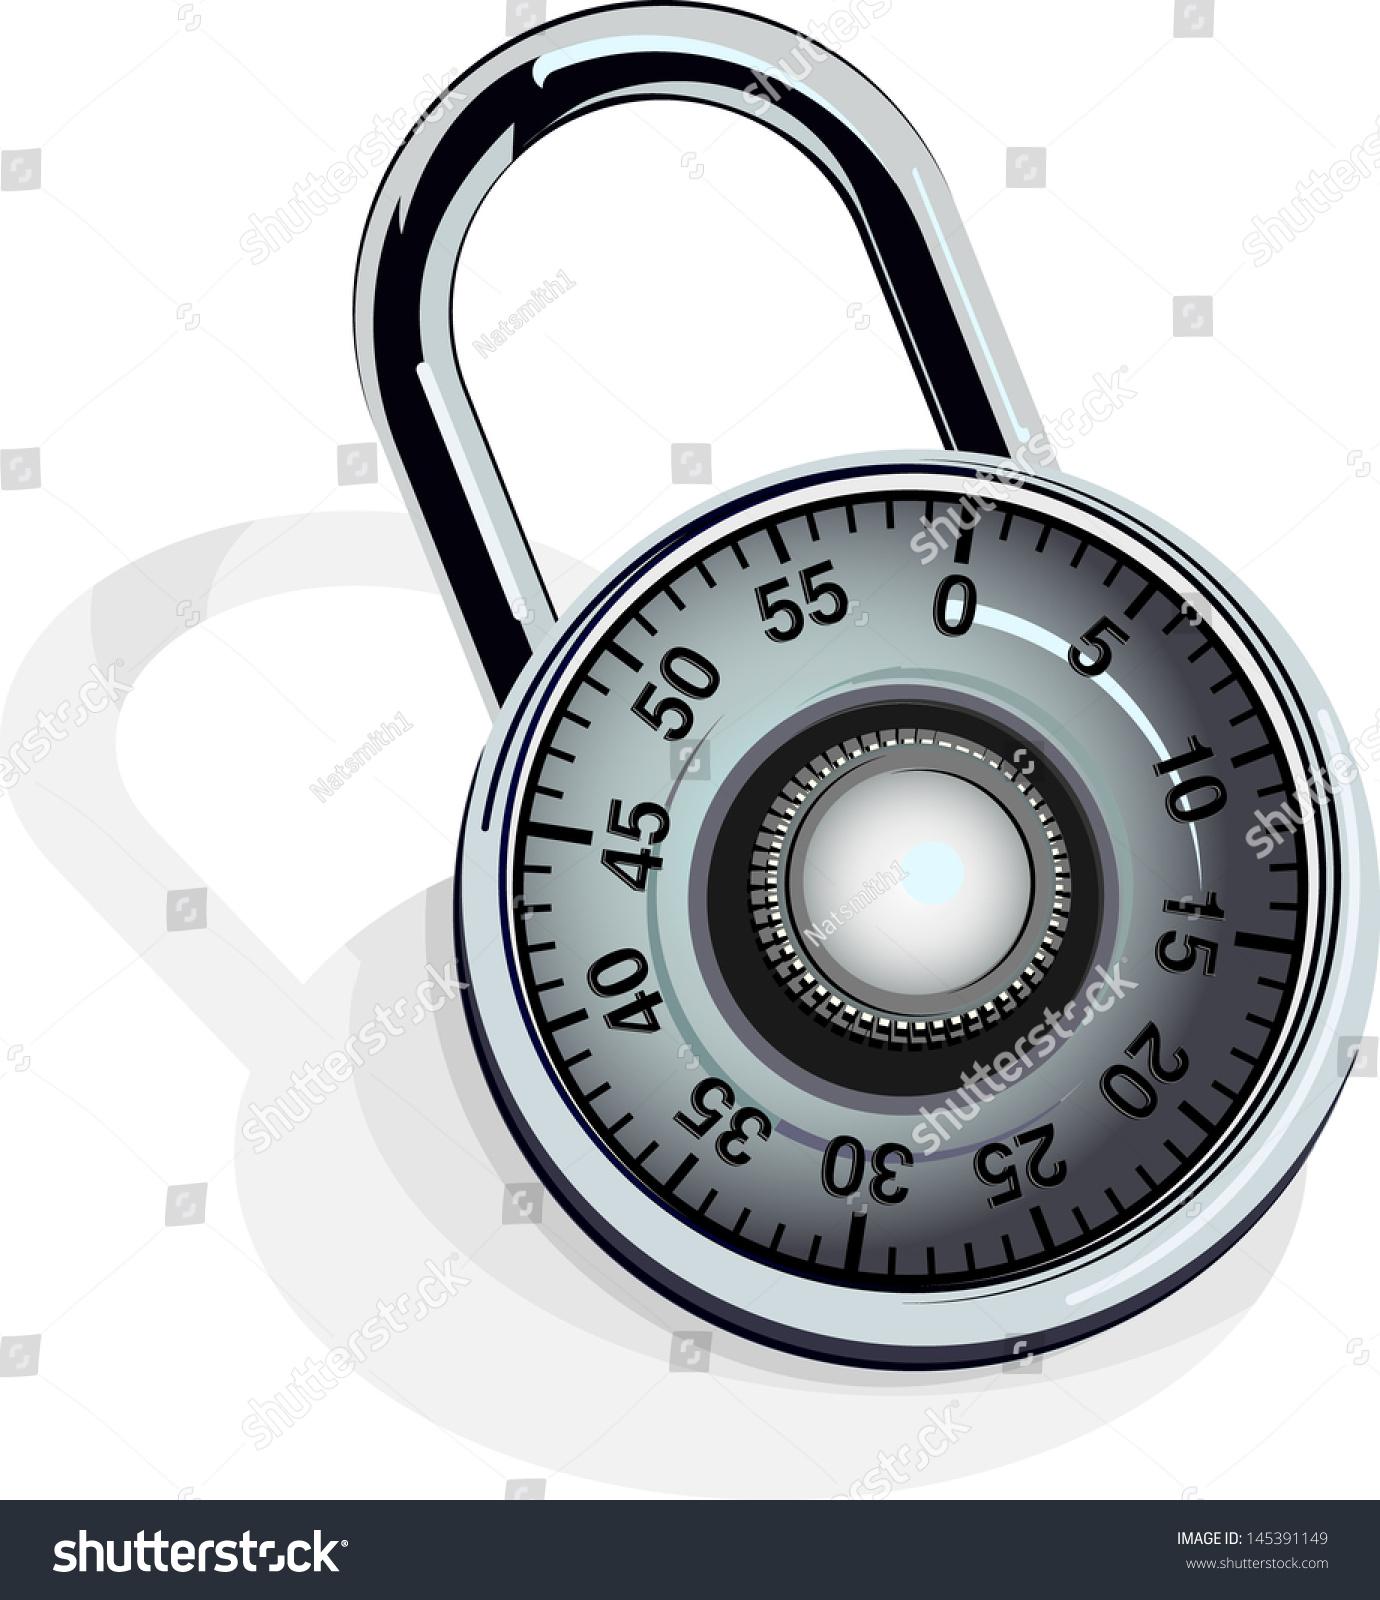 how to open tsa007 lock forgot combination